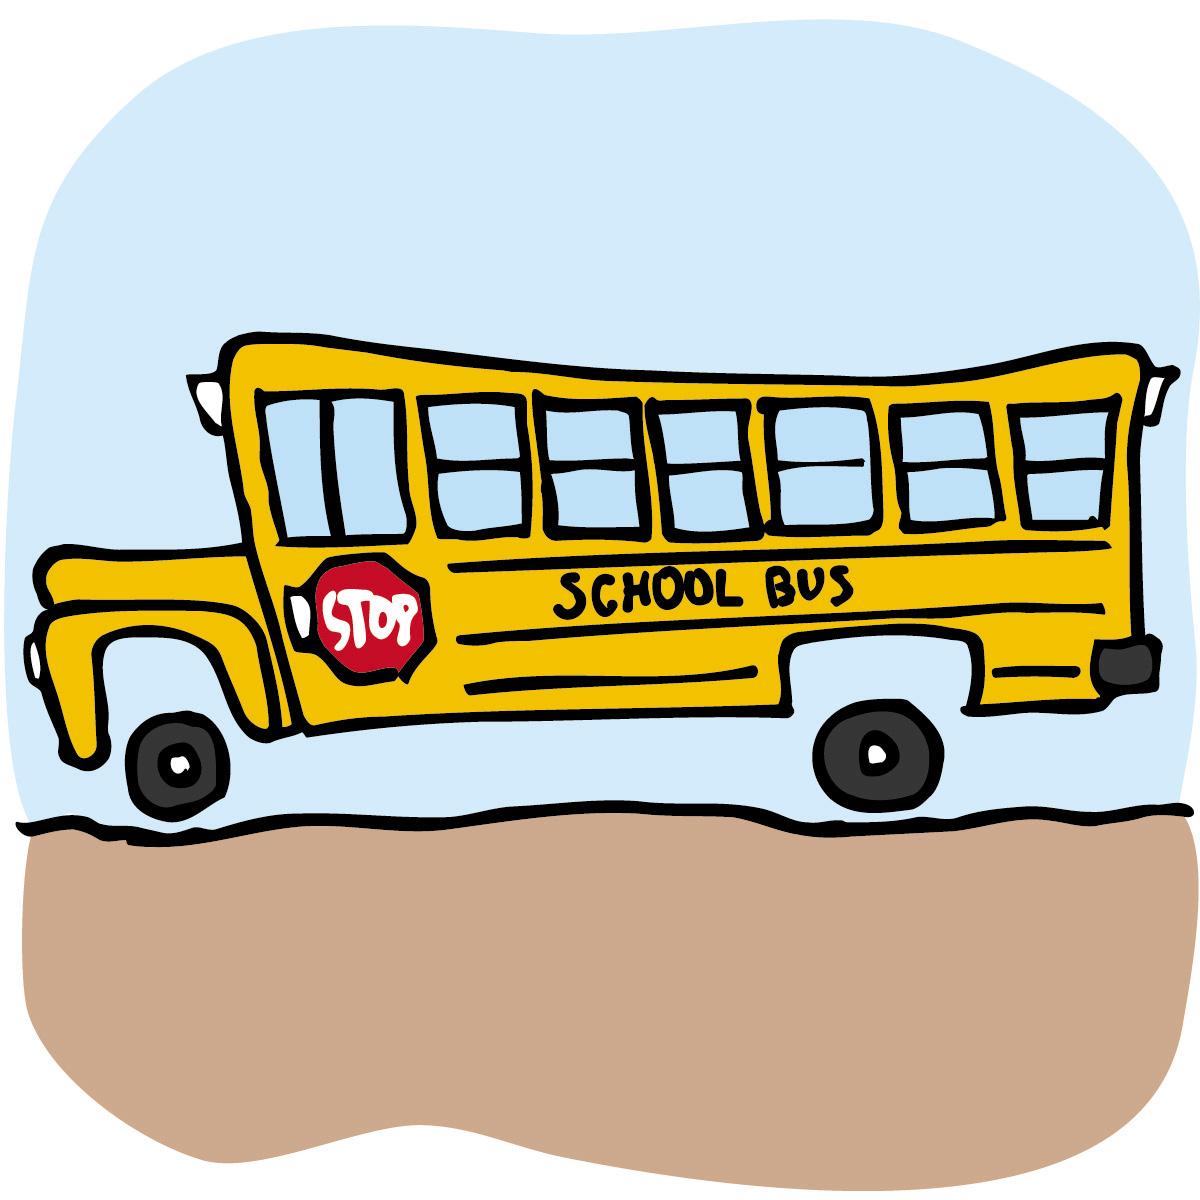 Bus clipart school excursion Images Clipart Free tour%20bus%20clipart Clipart